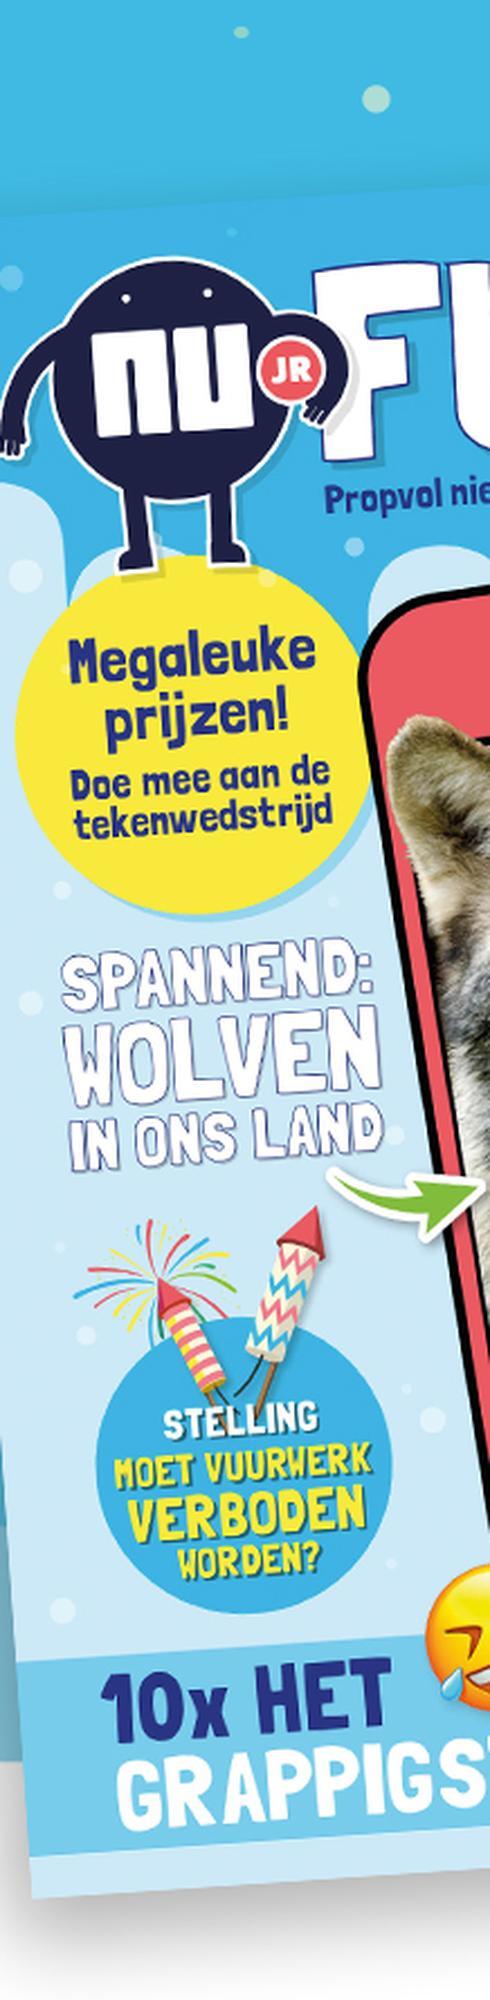 NUjunior.nl brengt het NUjunior Funboek uit!